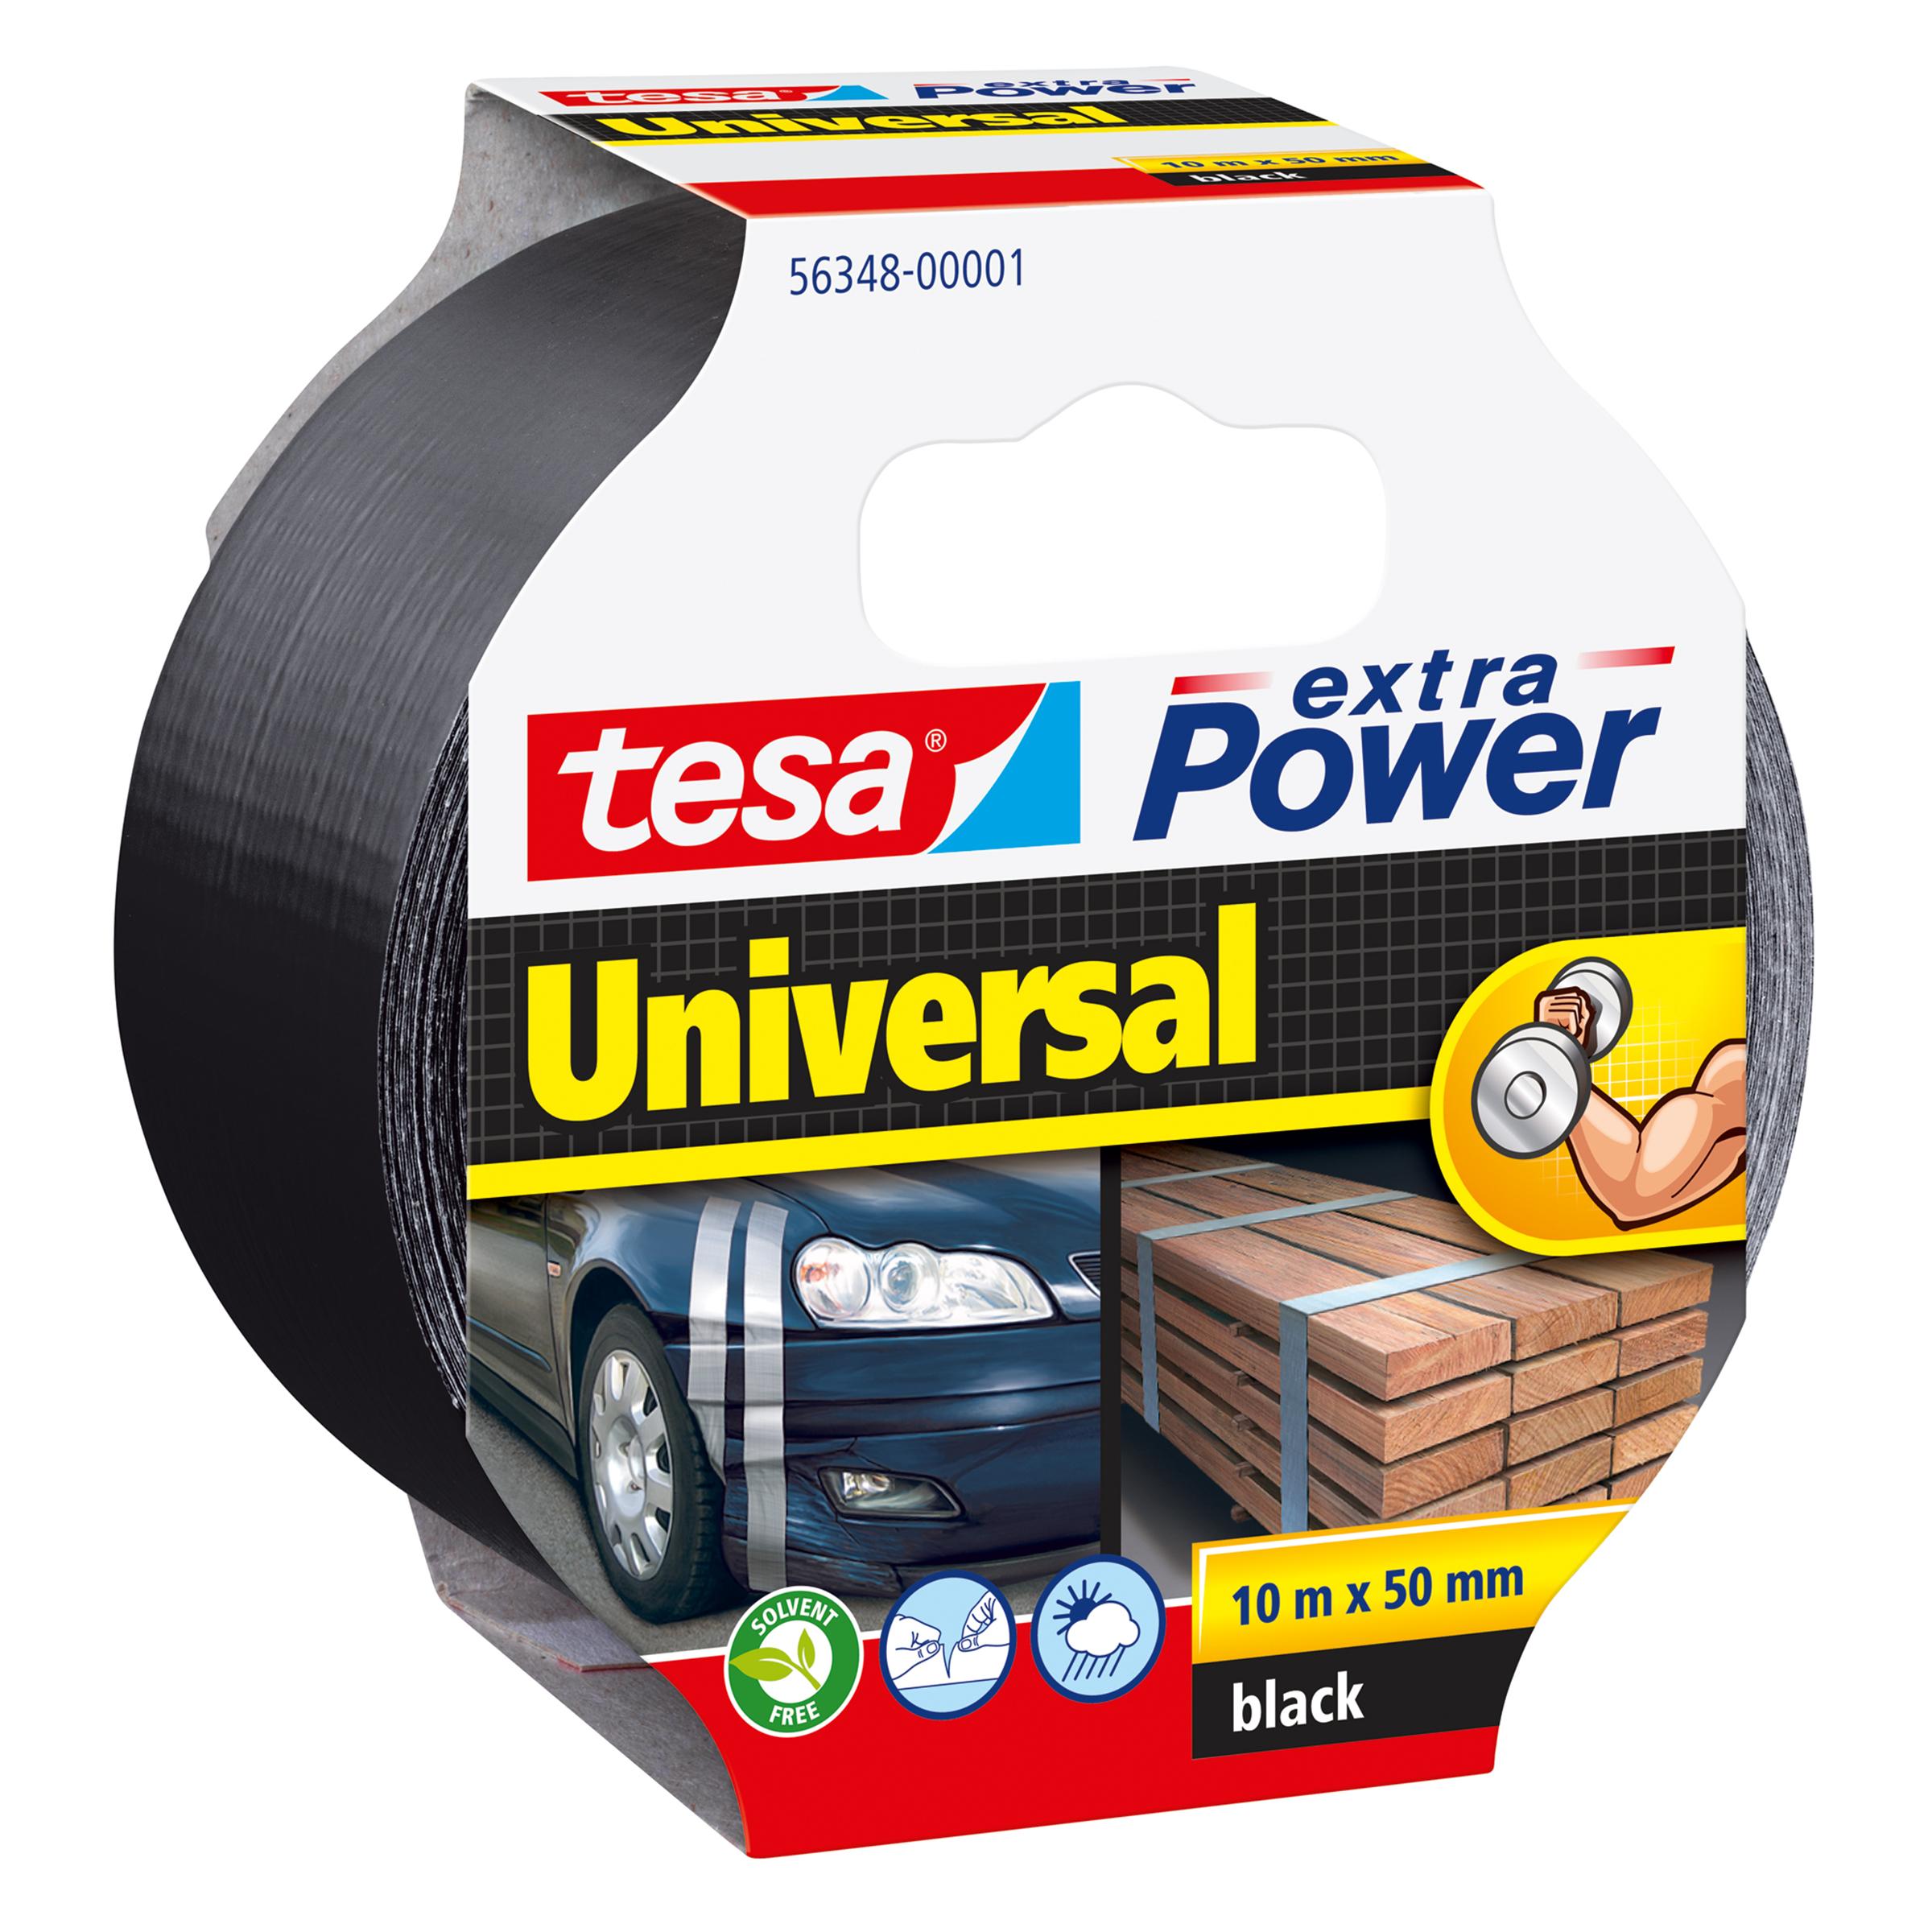 Tesa extra Power Universal - Schwarz - Befestigung - Handwerk - Kennzeichnung - Reparatur - Metall - Holz - 10 m - 50 mm